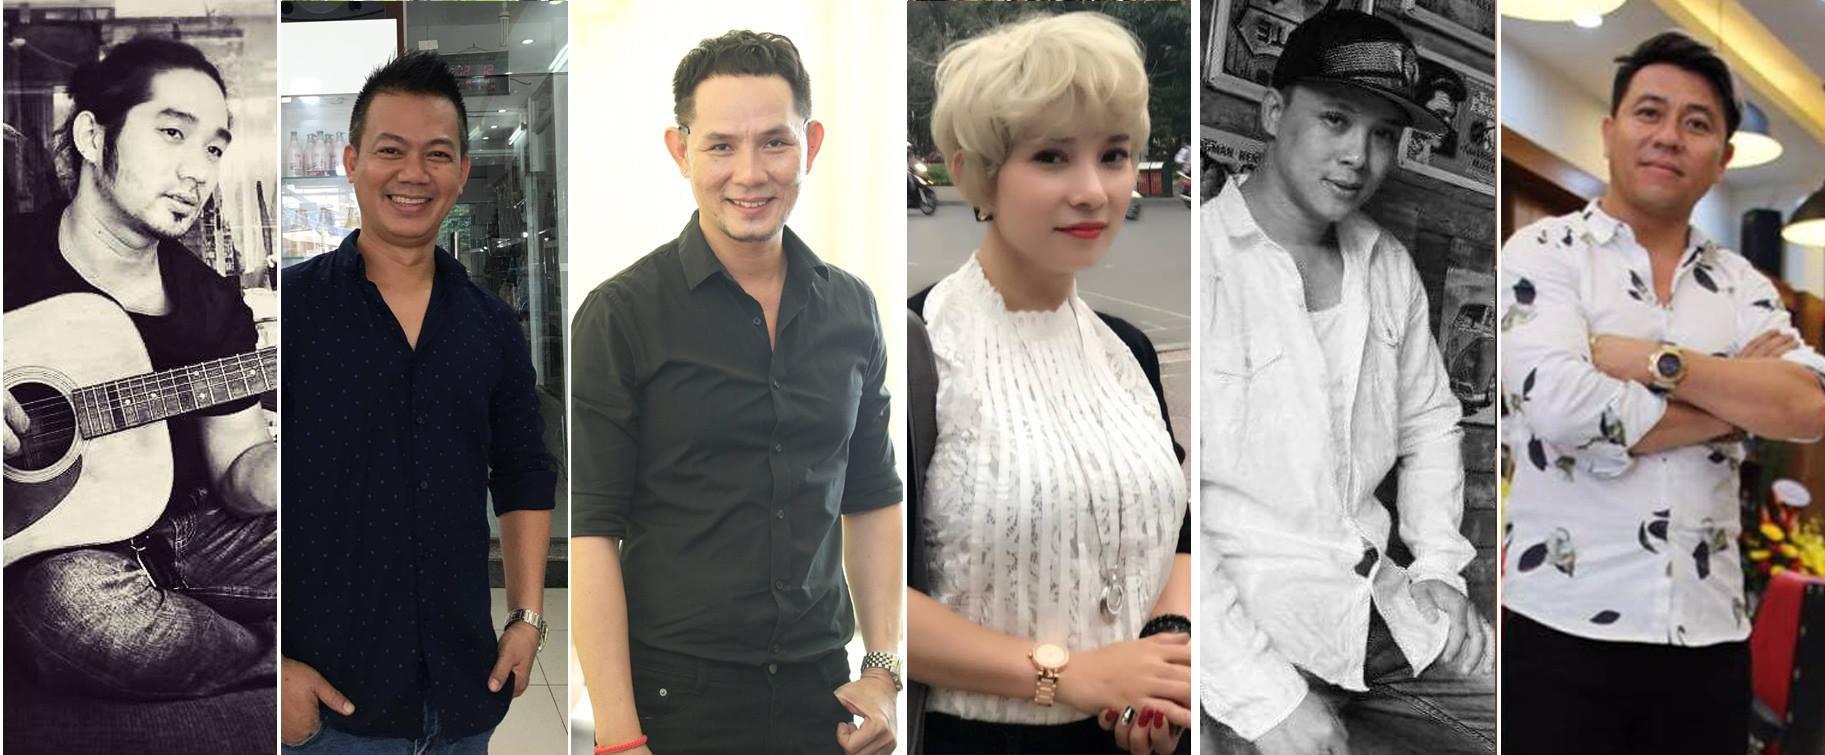 Công bố danh sách thành viên 6 Hairteam của Galaxy Festival - Vũ Điệu Cuộc Sống 2017 2